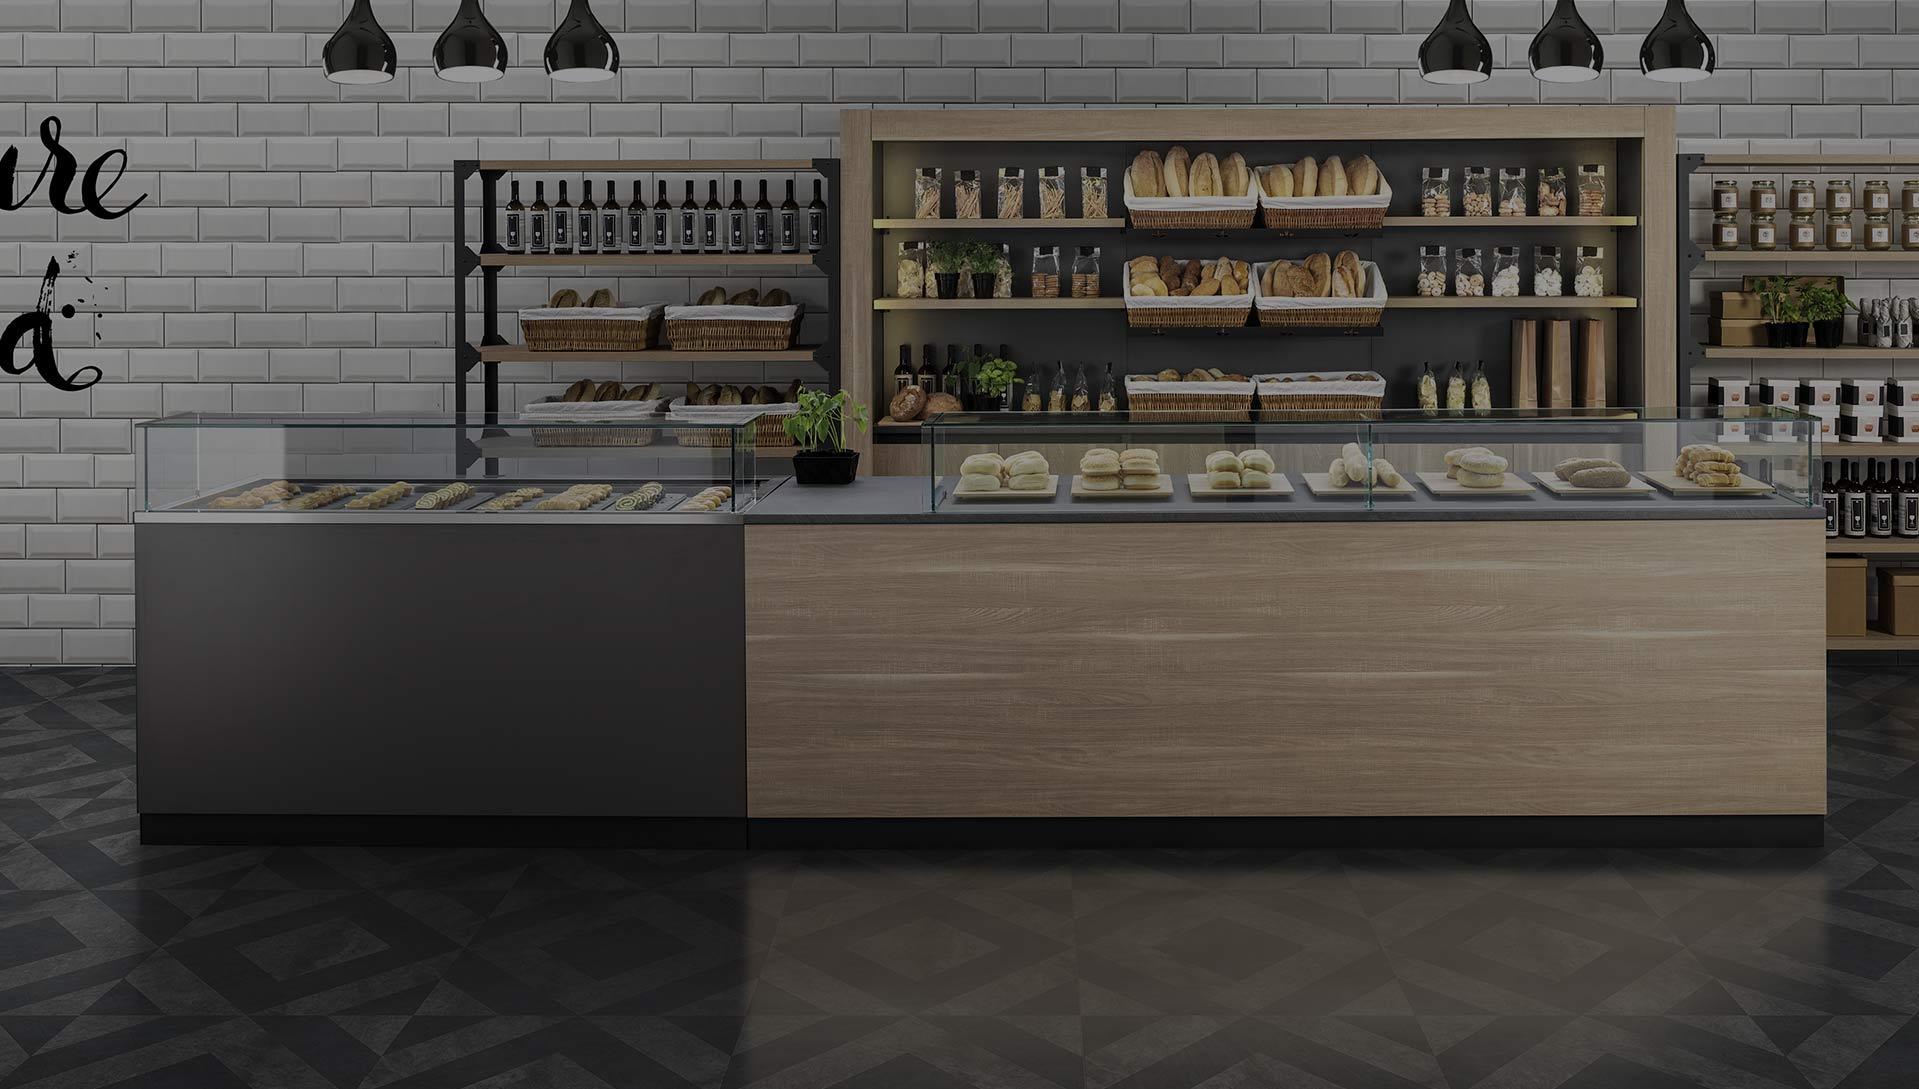 Arredamenti attivit commerciali bar pasticcerie for Arredamenti commerciali